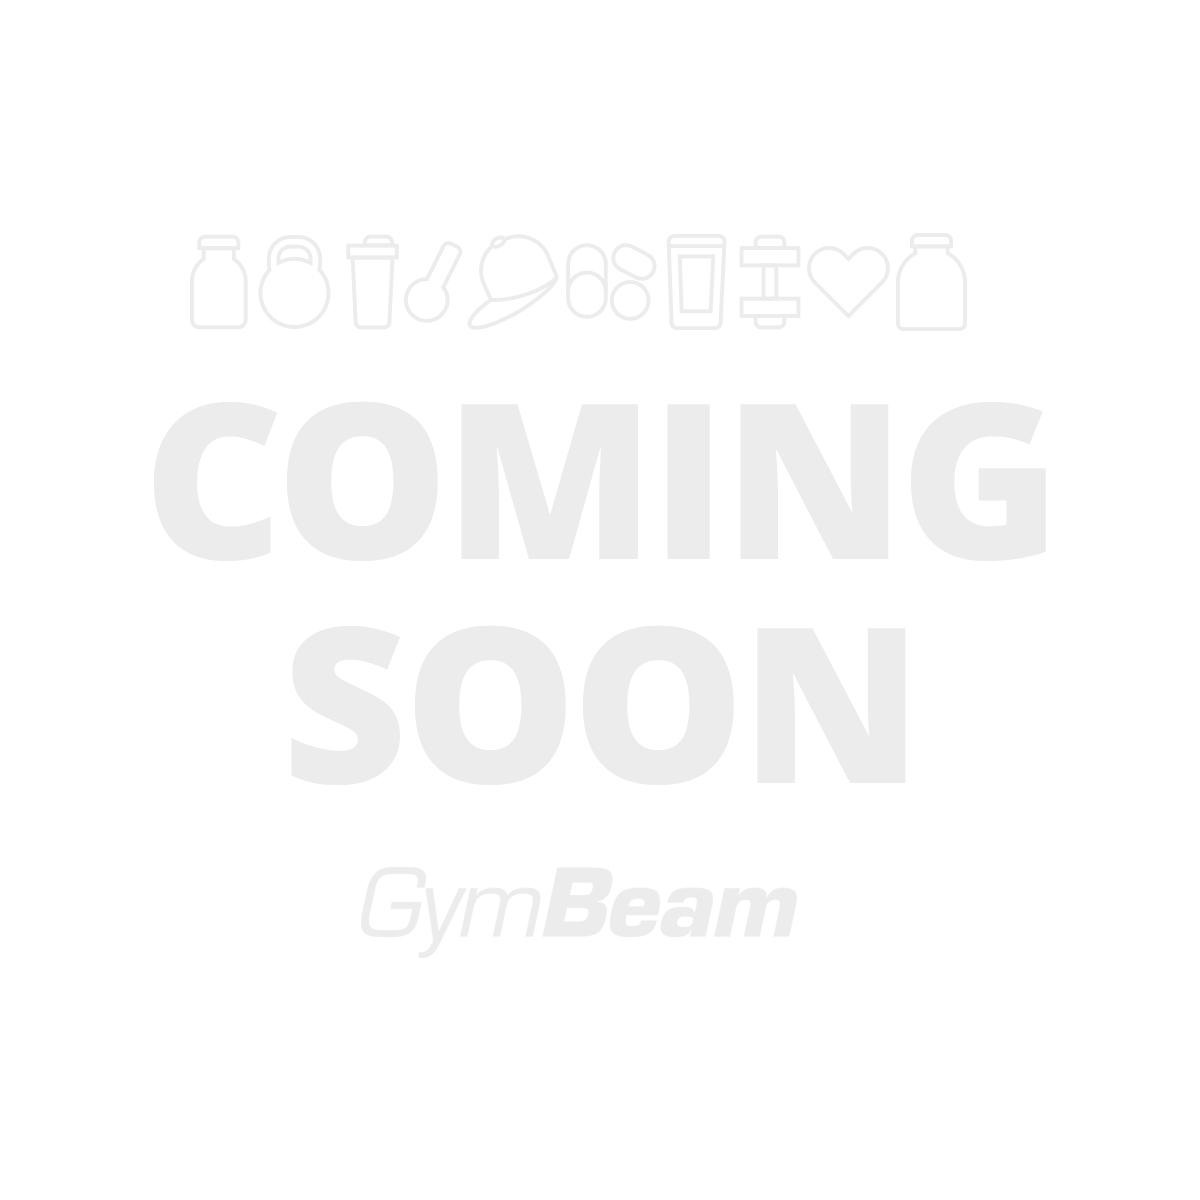 Shaker Cellucor Black 600 ml - Cellucor